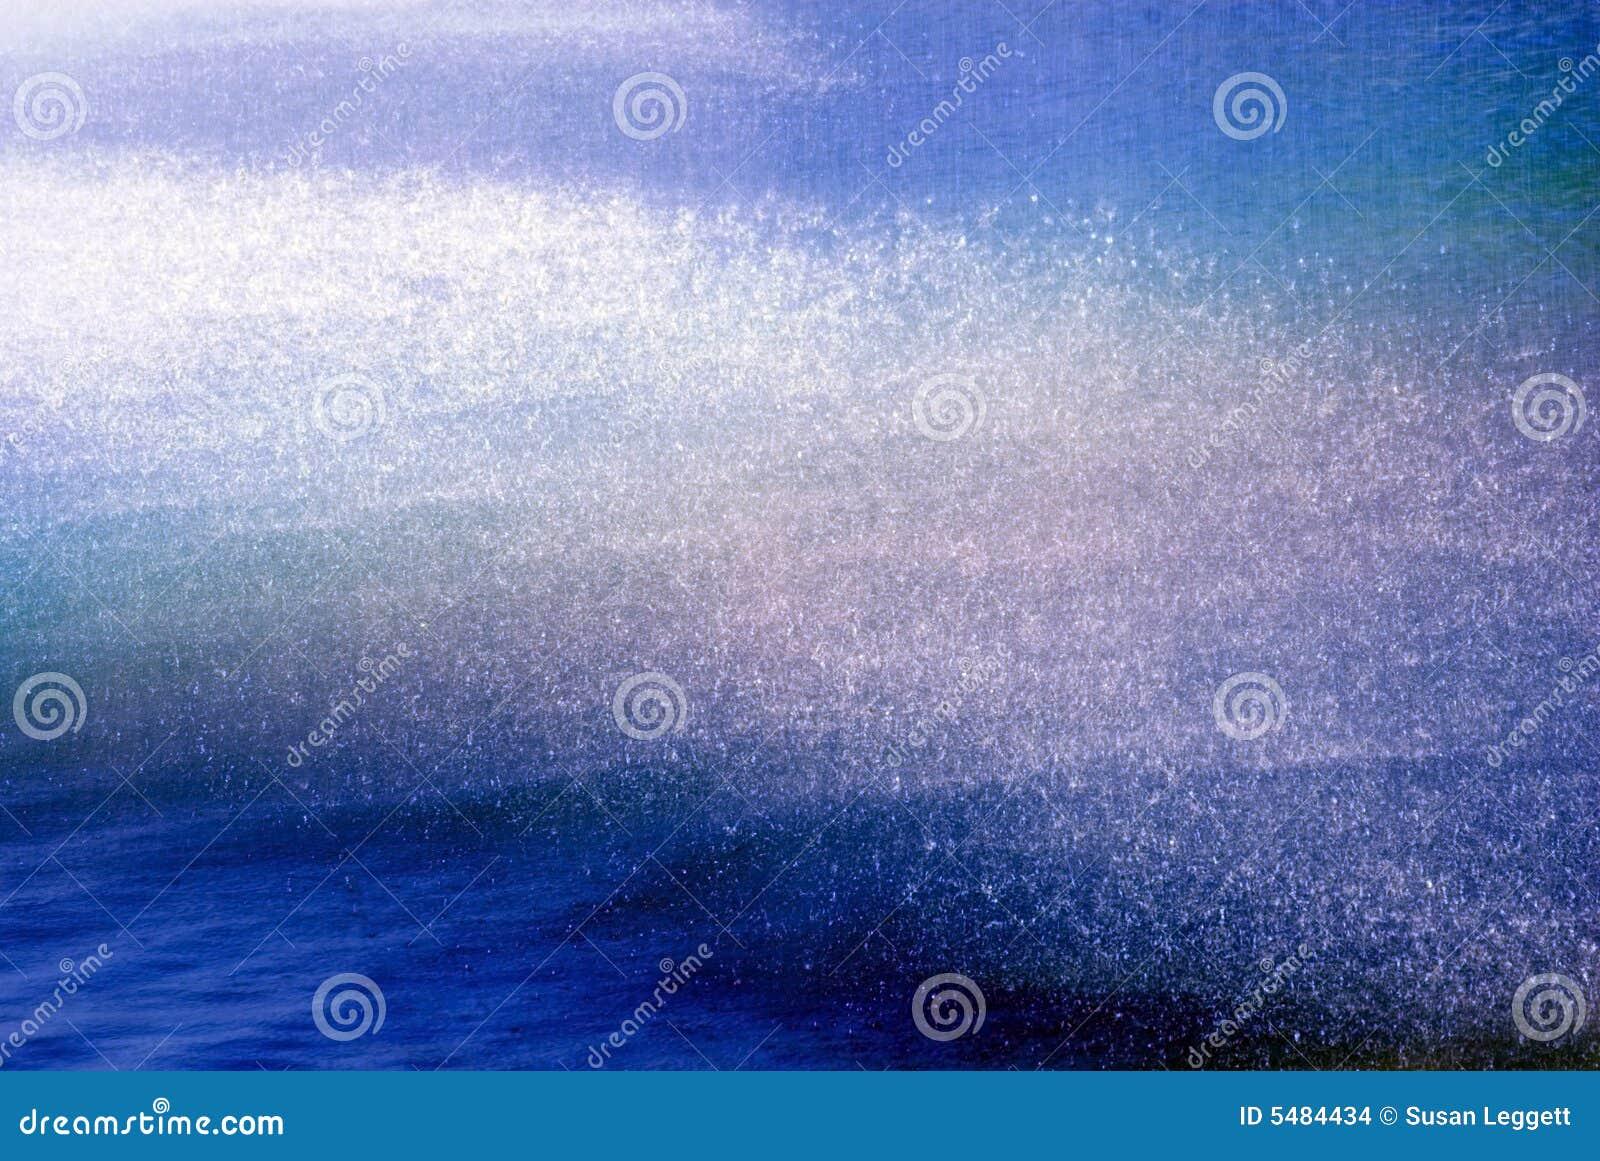 Water Falling Into Lake/Tinted